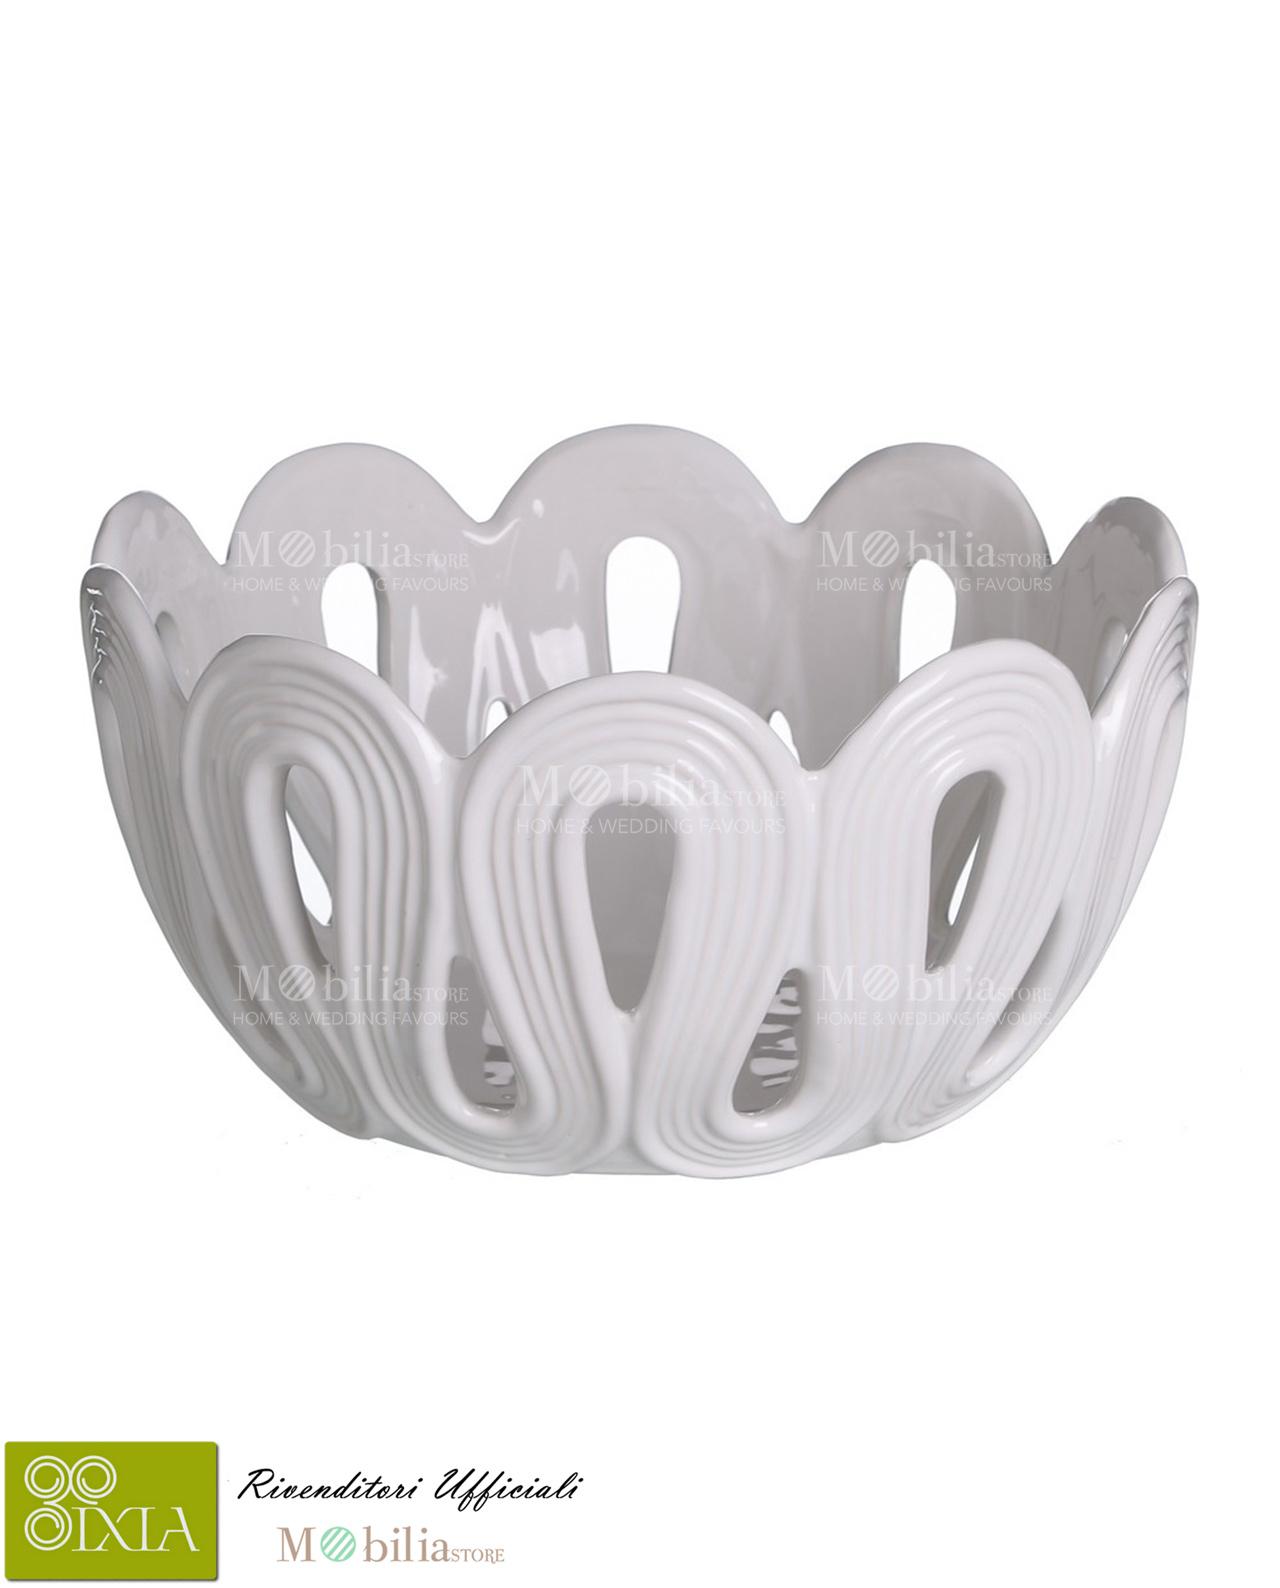 Centrotavola bianco in ceramica ixia mobilia store home for Mobilia recensioni